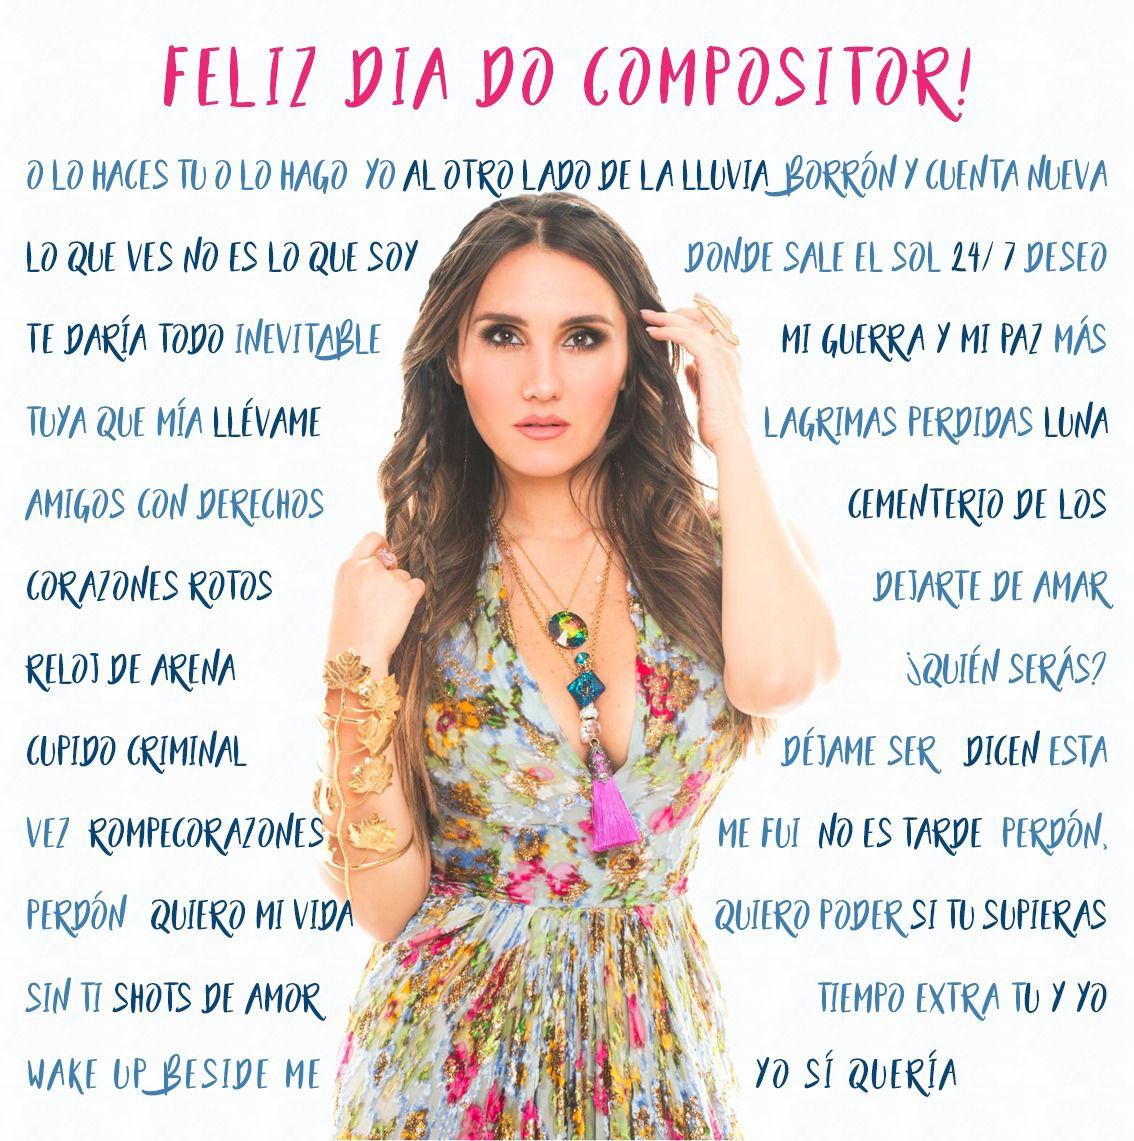 Hoje (15/01) se comemora o #DiaDoCompositor. Felicidades @DulceMaria por tantos hinos que fizeram parte da vida de milhares de pessoas que se identificam e amam sua música! 💗